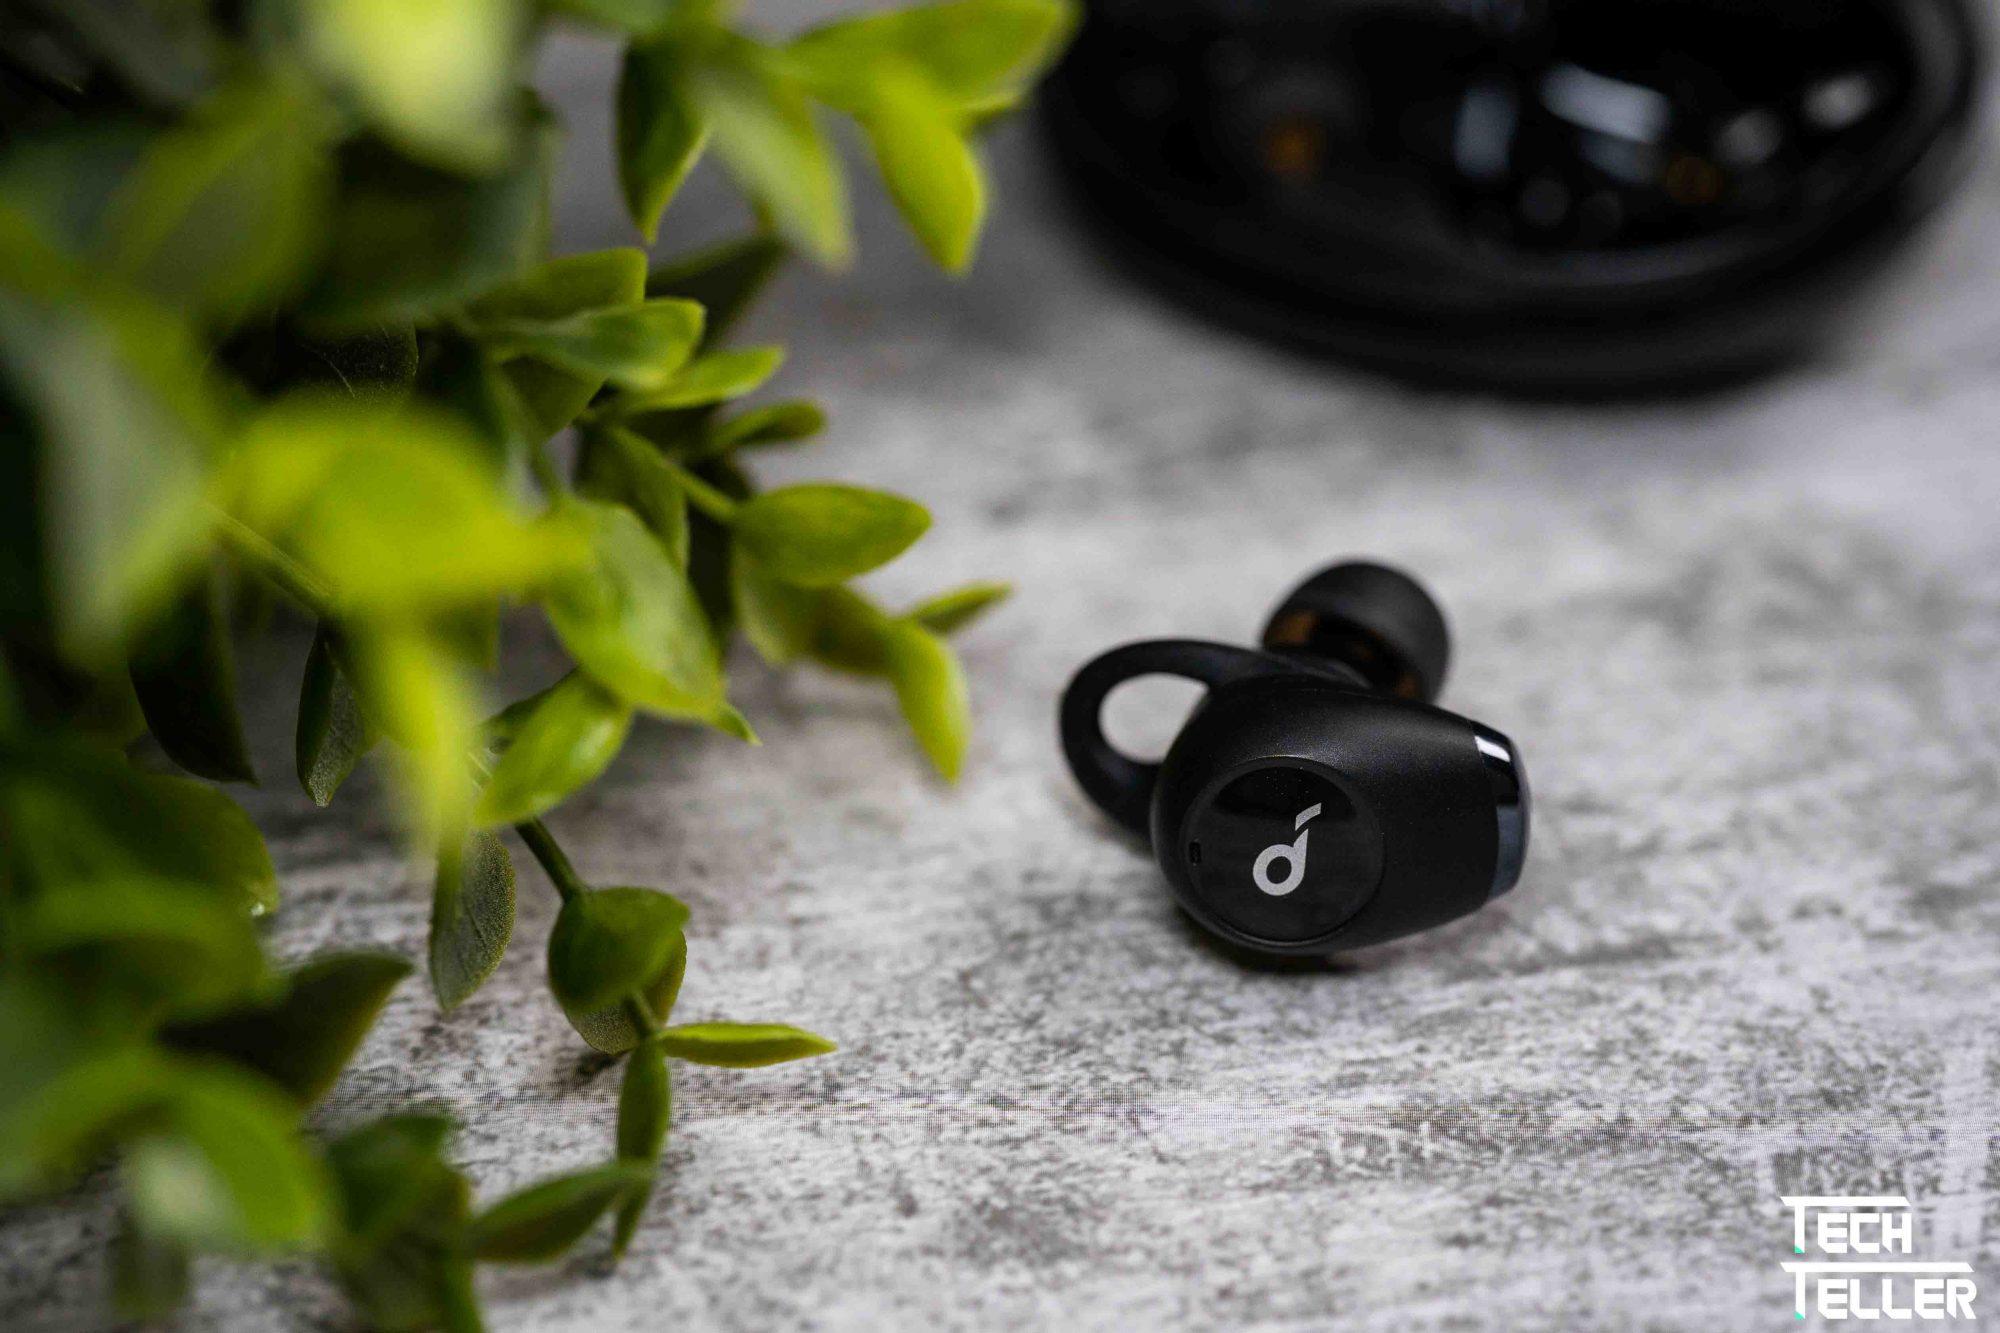 領先市場六麥克風,多場景智慧抗噪|Anker Soundcore Life Dot 2 NC 降噪真無線藍牙耳機